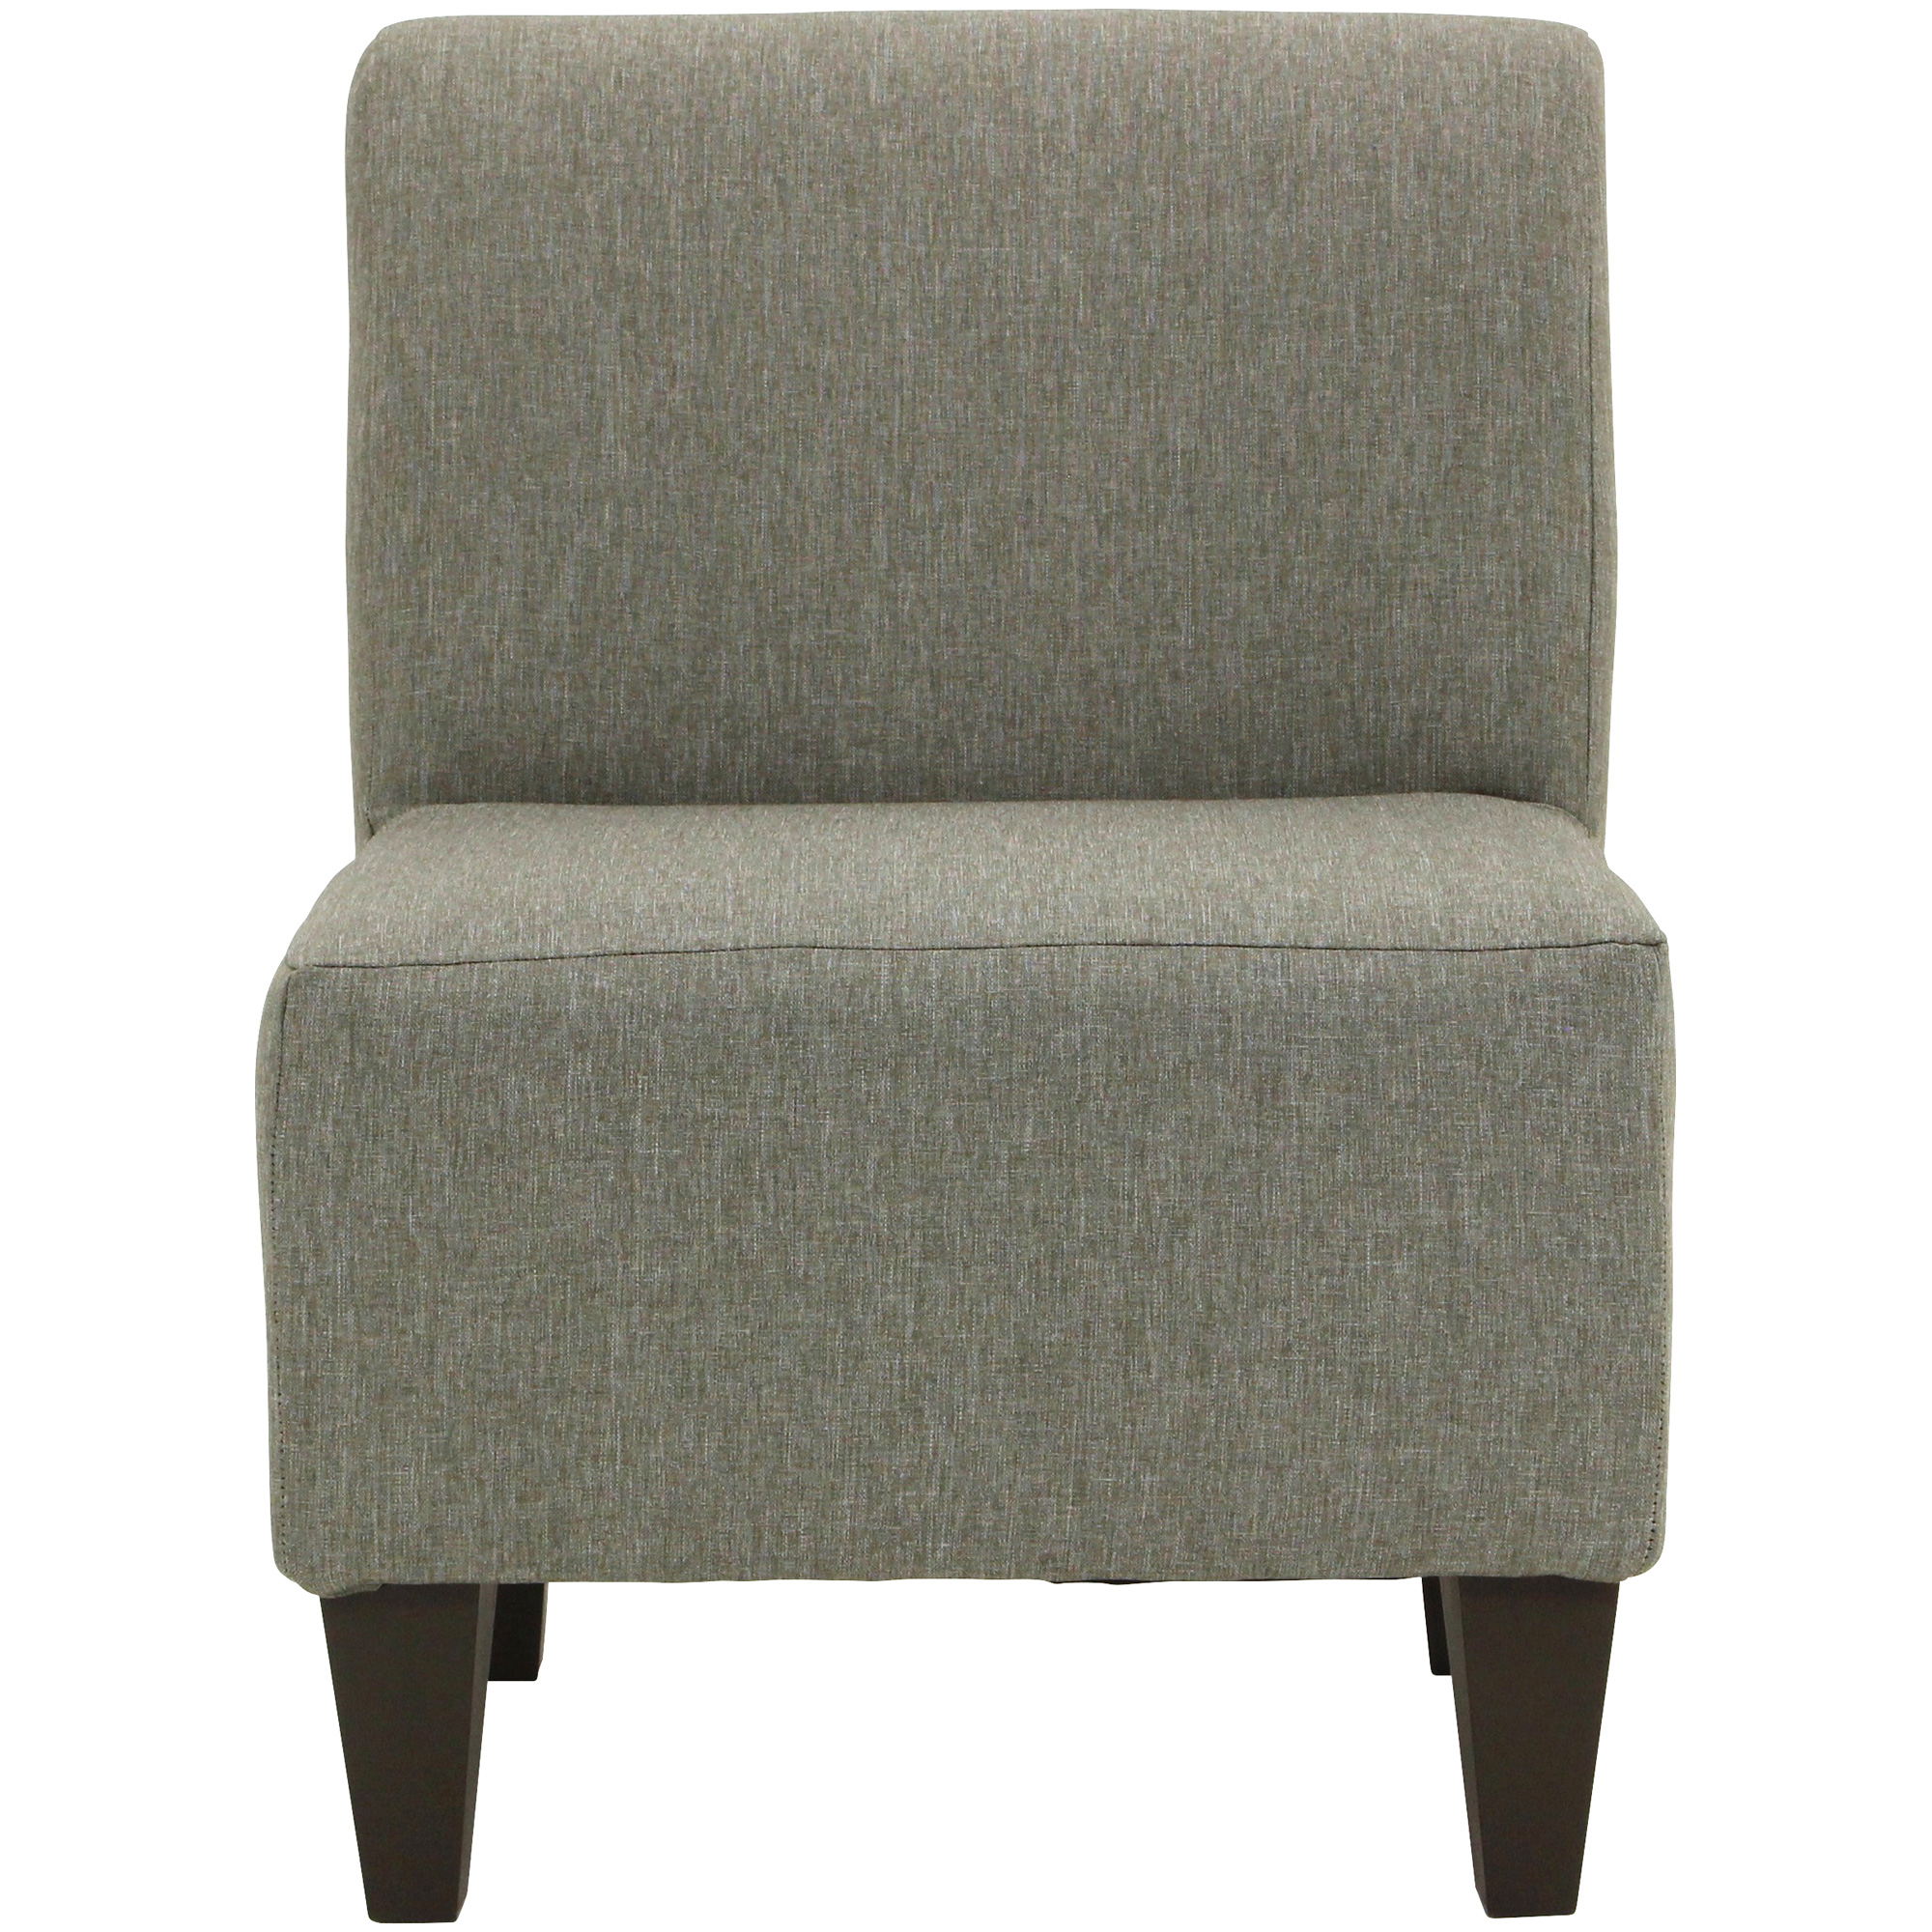 Overman | Amanda Quartz Accent Chair